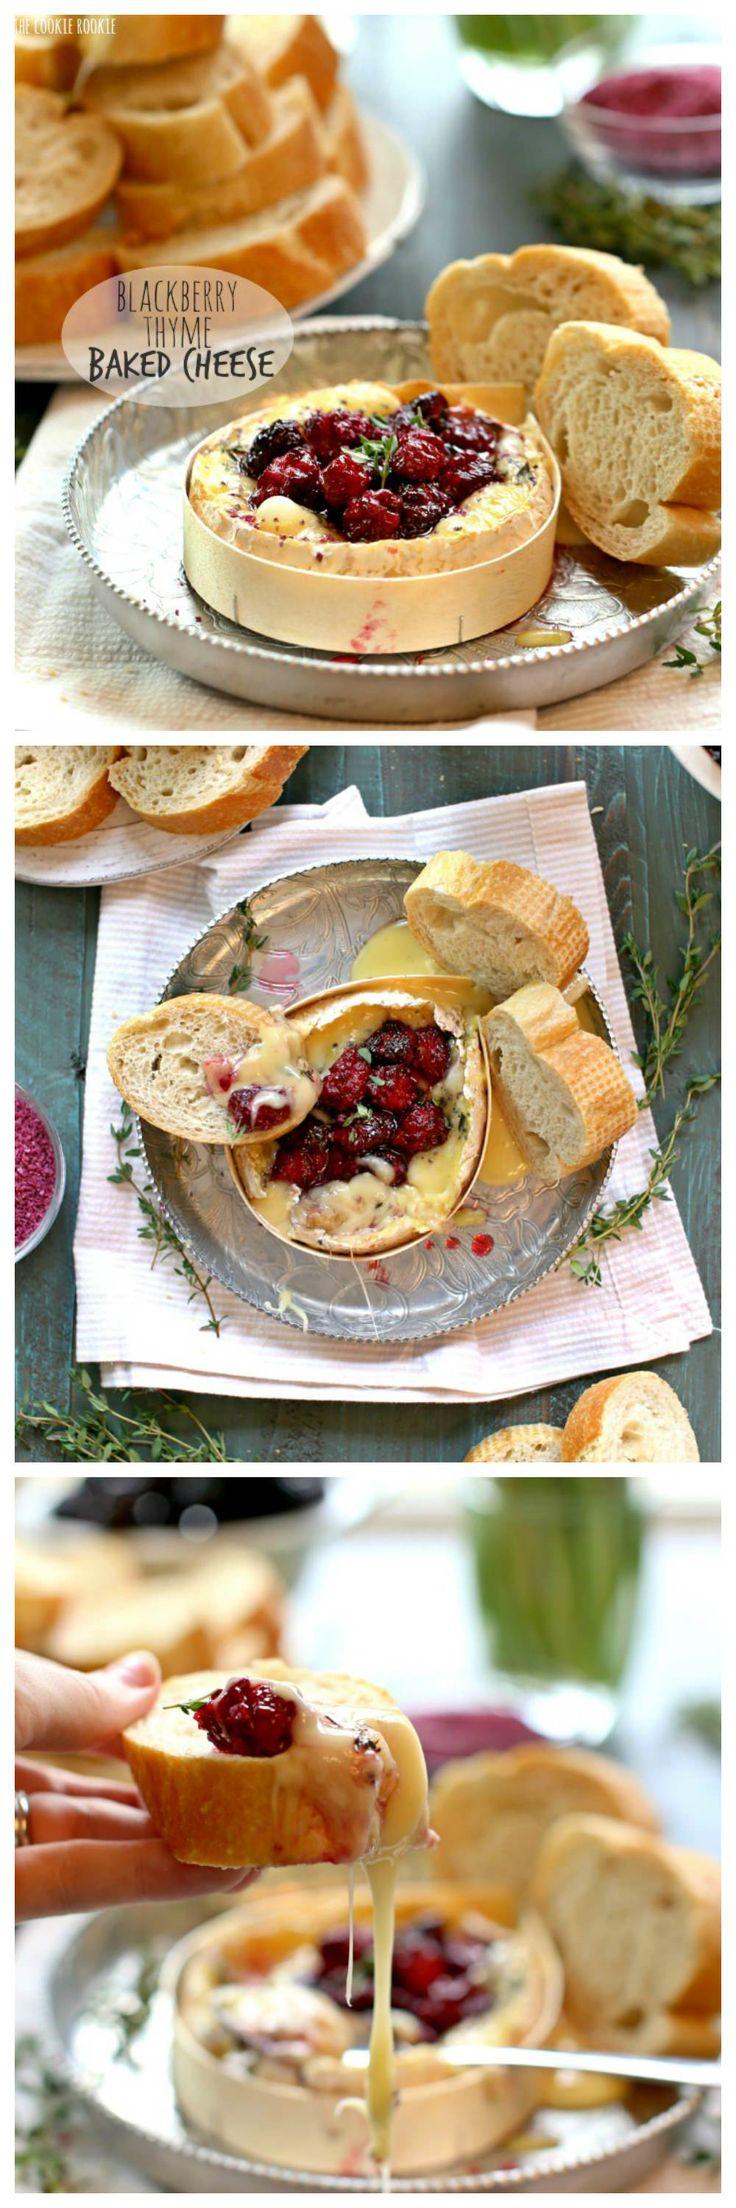 Blackberry Tomillo al horno queso! Hacer con Camembert y Brie, hecho con moras asadas. Un hermoso y delicioso aperitivo o vino maridaje! | El Cookie Rookie